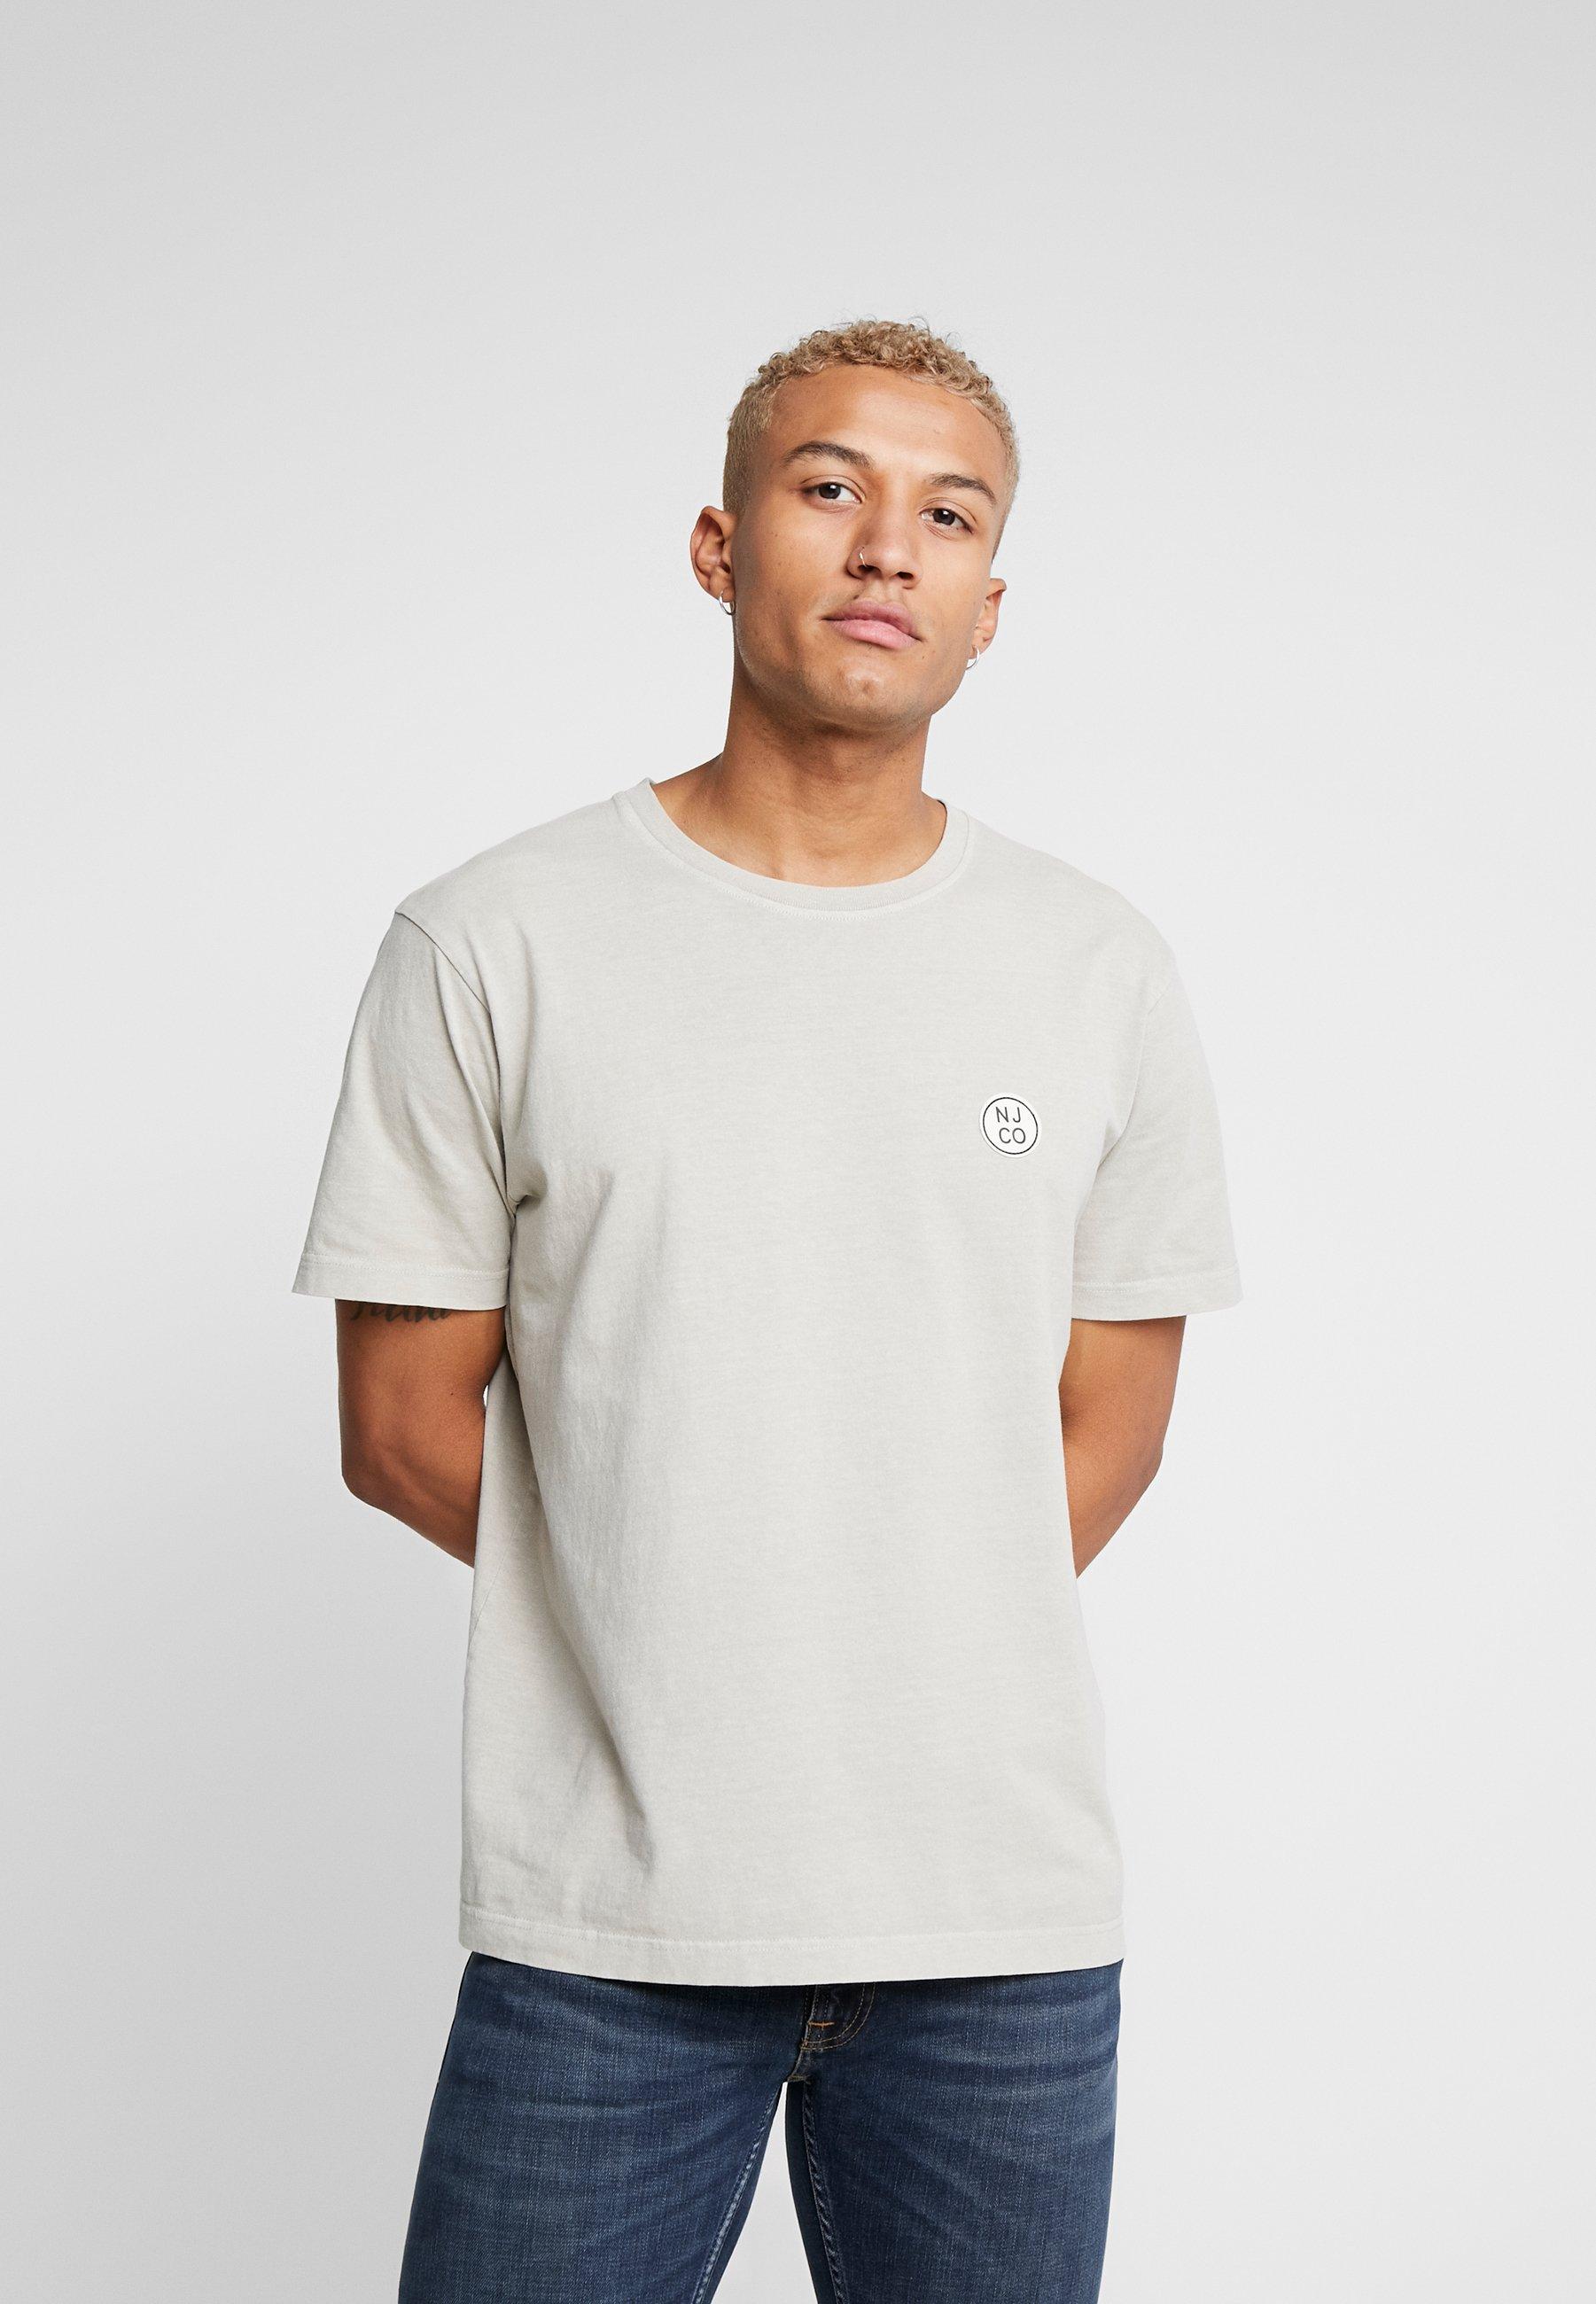 Zakup Gorąca wyprzedaż Nudie Jeans UNO - T-shirt basic - beige | Odzież męska 2020 sRvSi